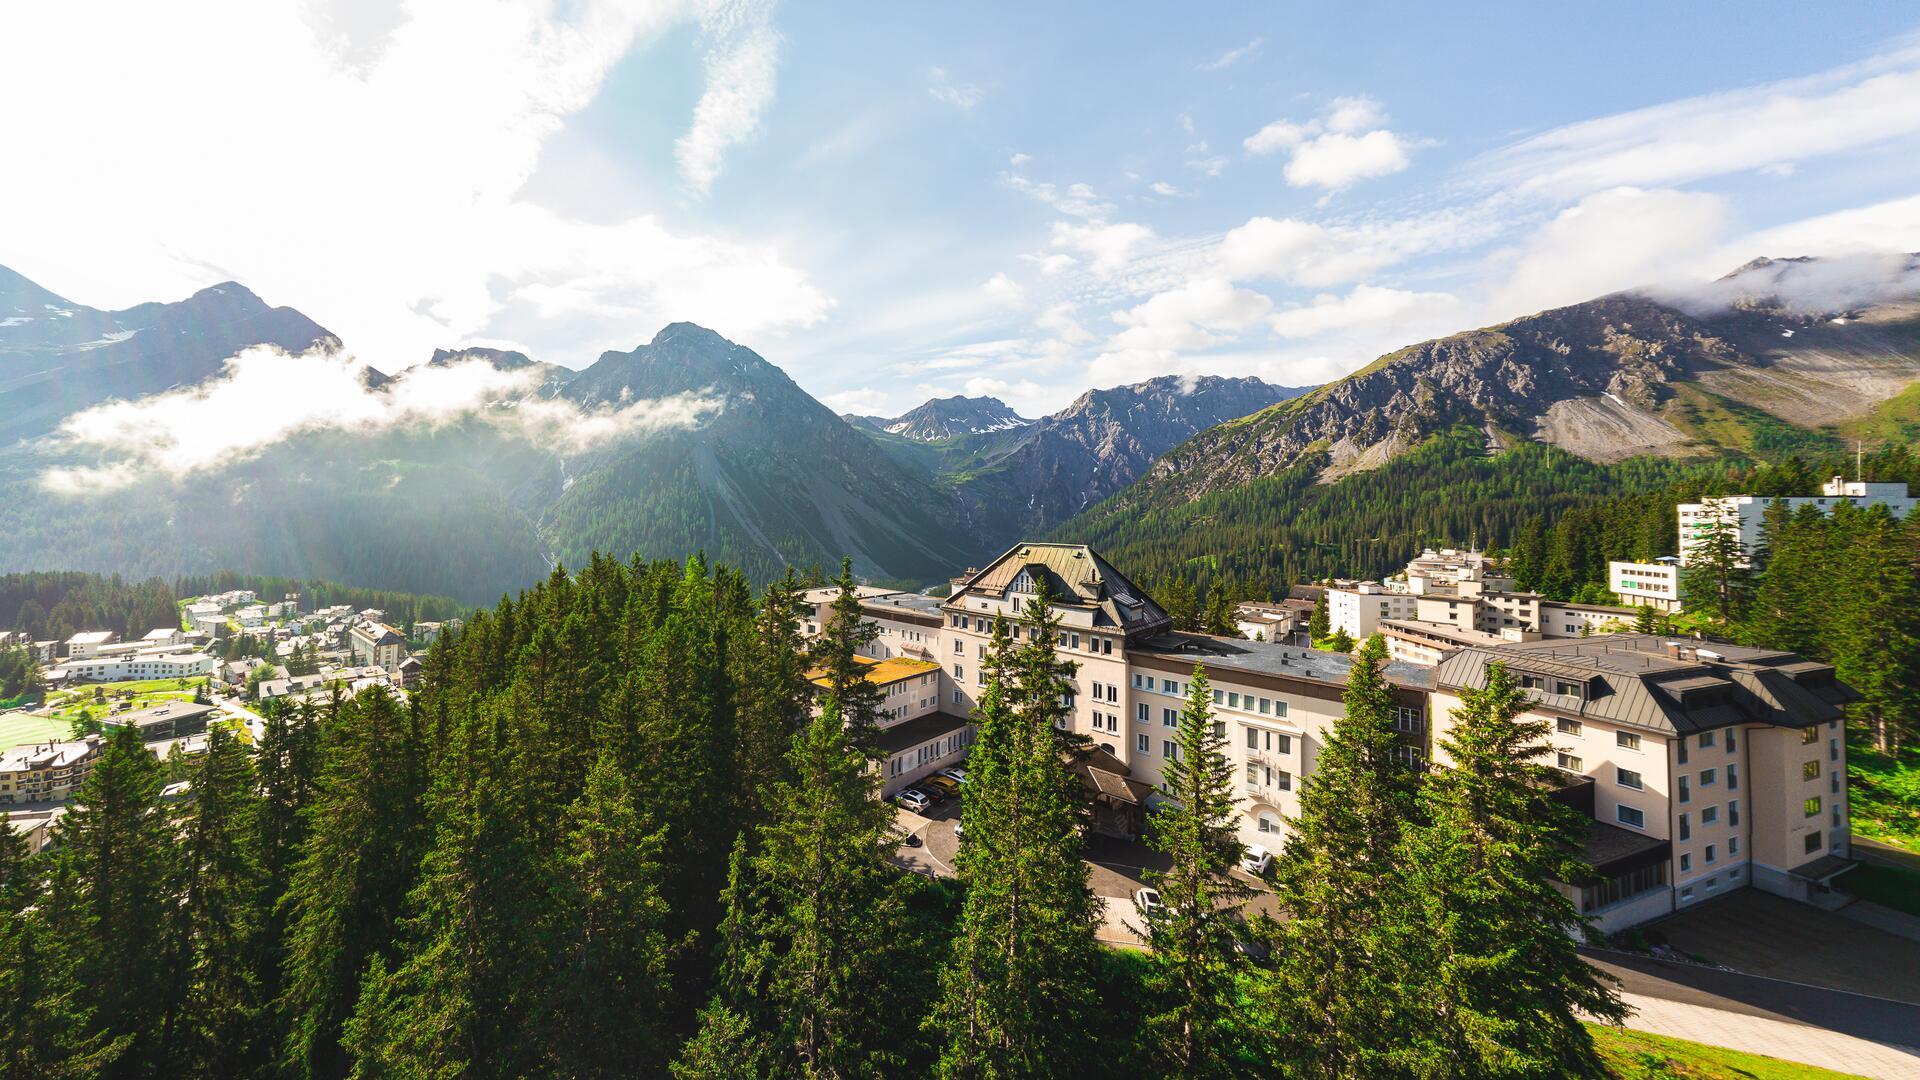 4 S Waldhotel Arosa In Graubunden Entspannung Genuss Waldhotel